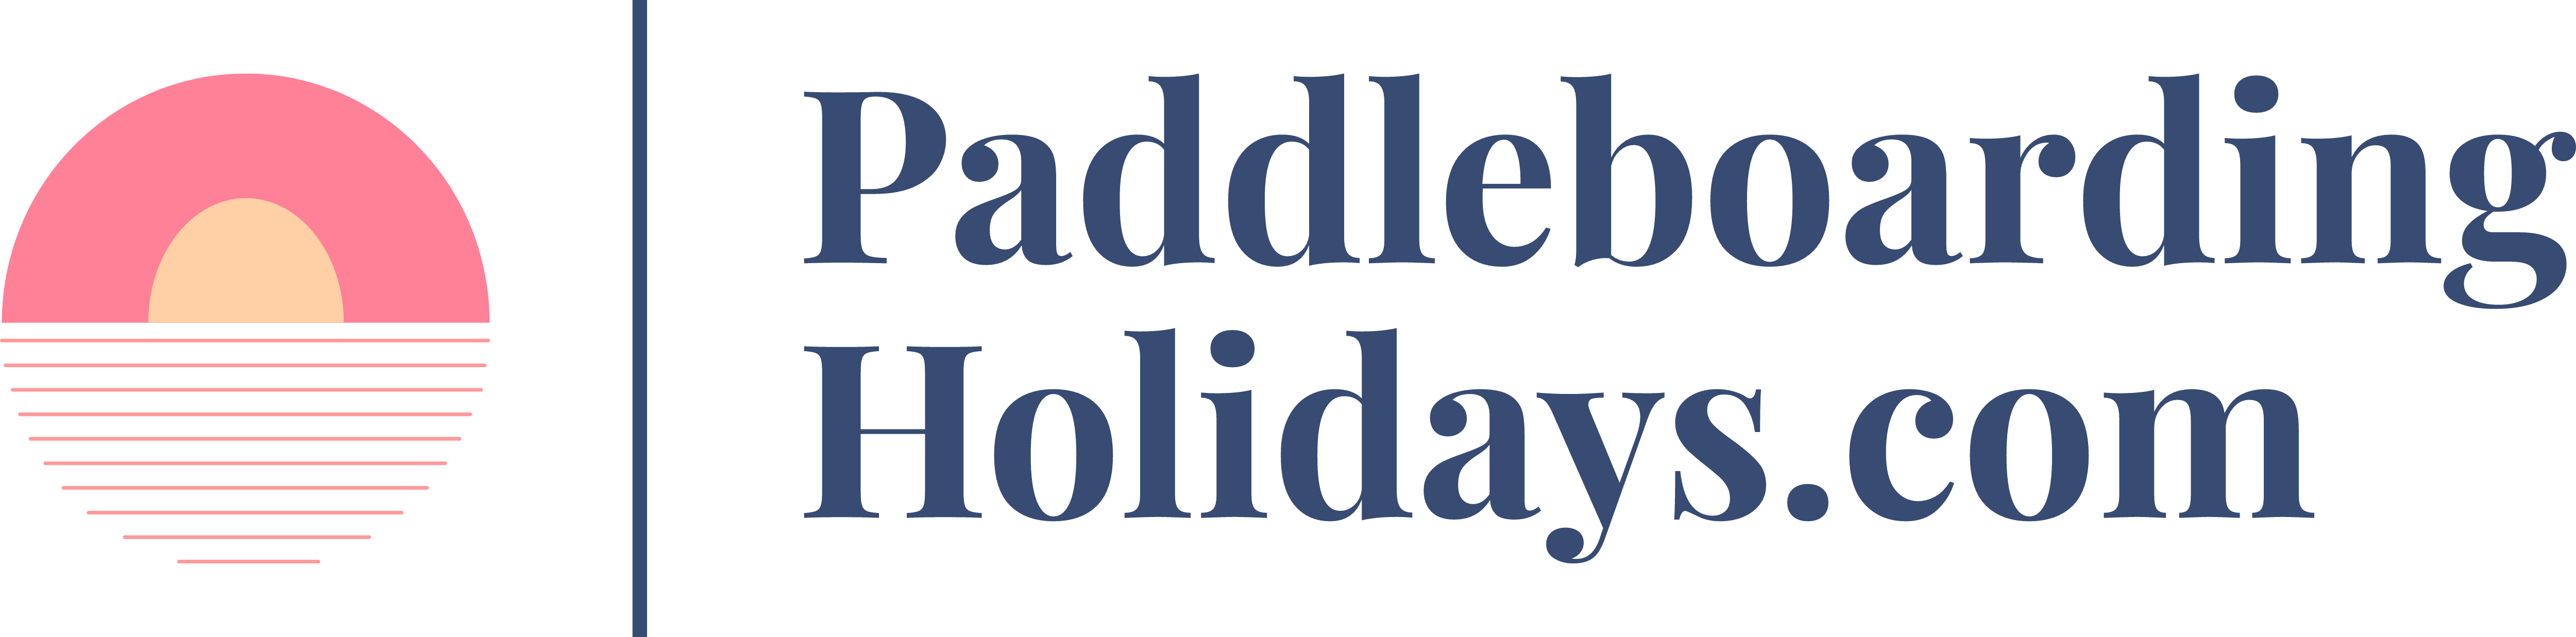 Paddleboarding Holidays